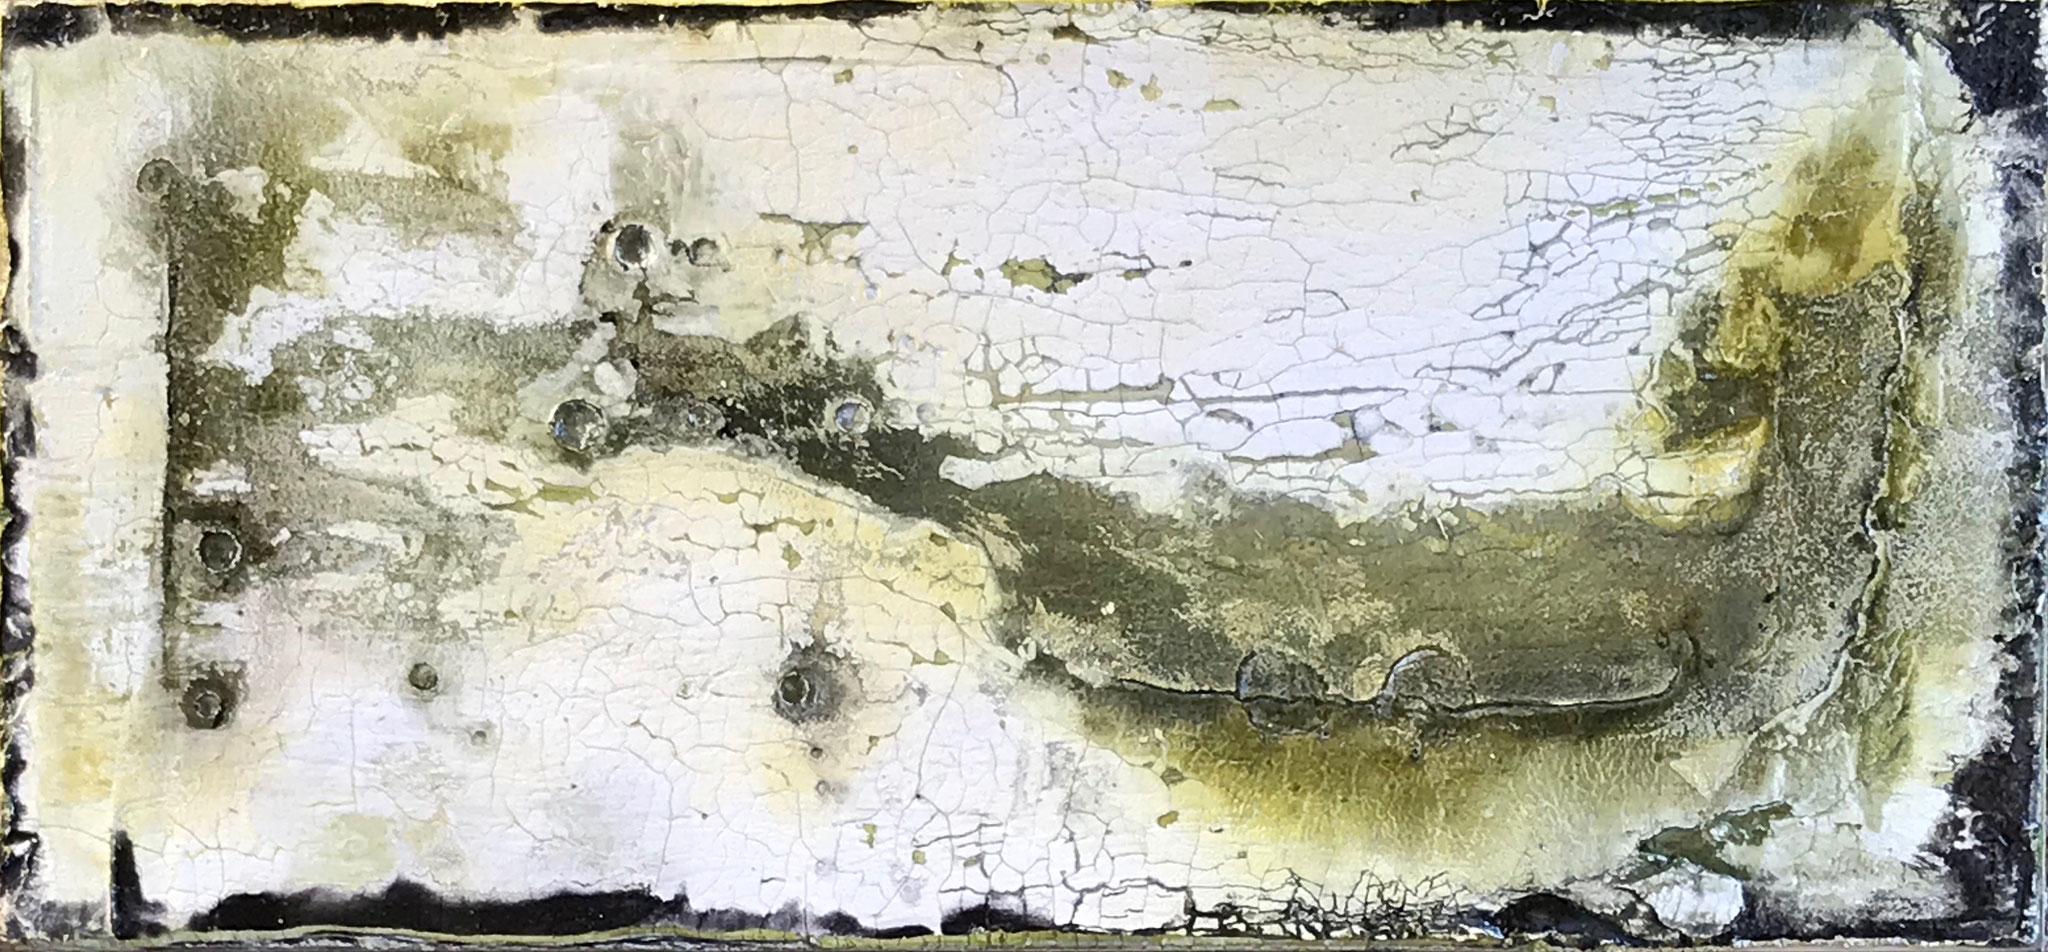 #12 Holzkiste - rechteckig - ca. ca. 24 x 11 x 7 cm (L/B/H)